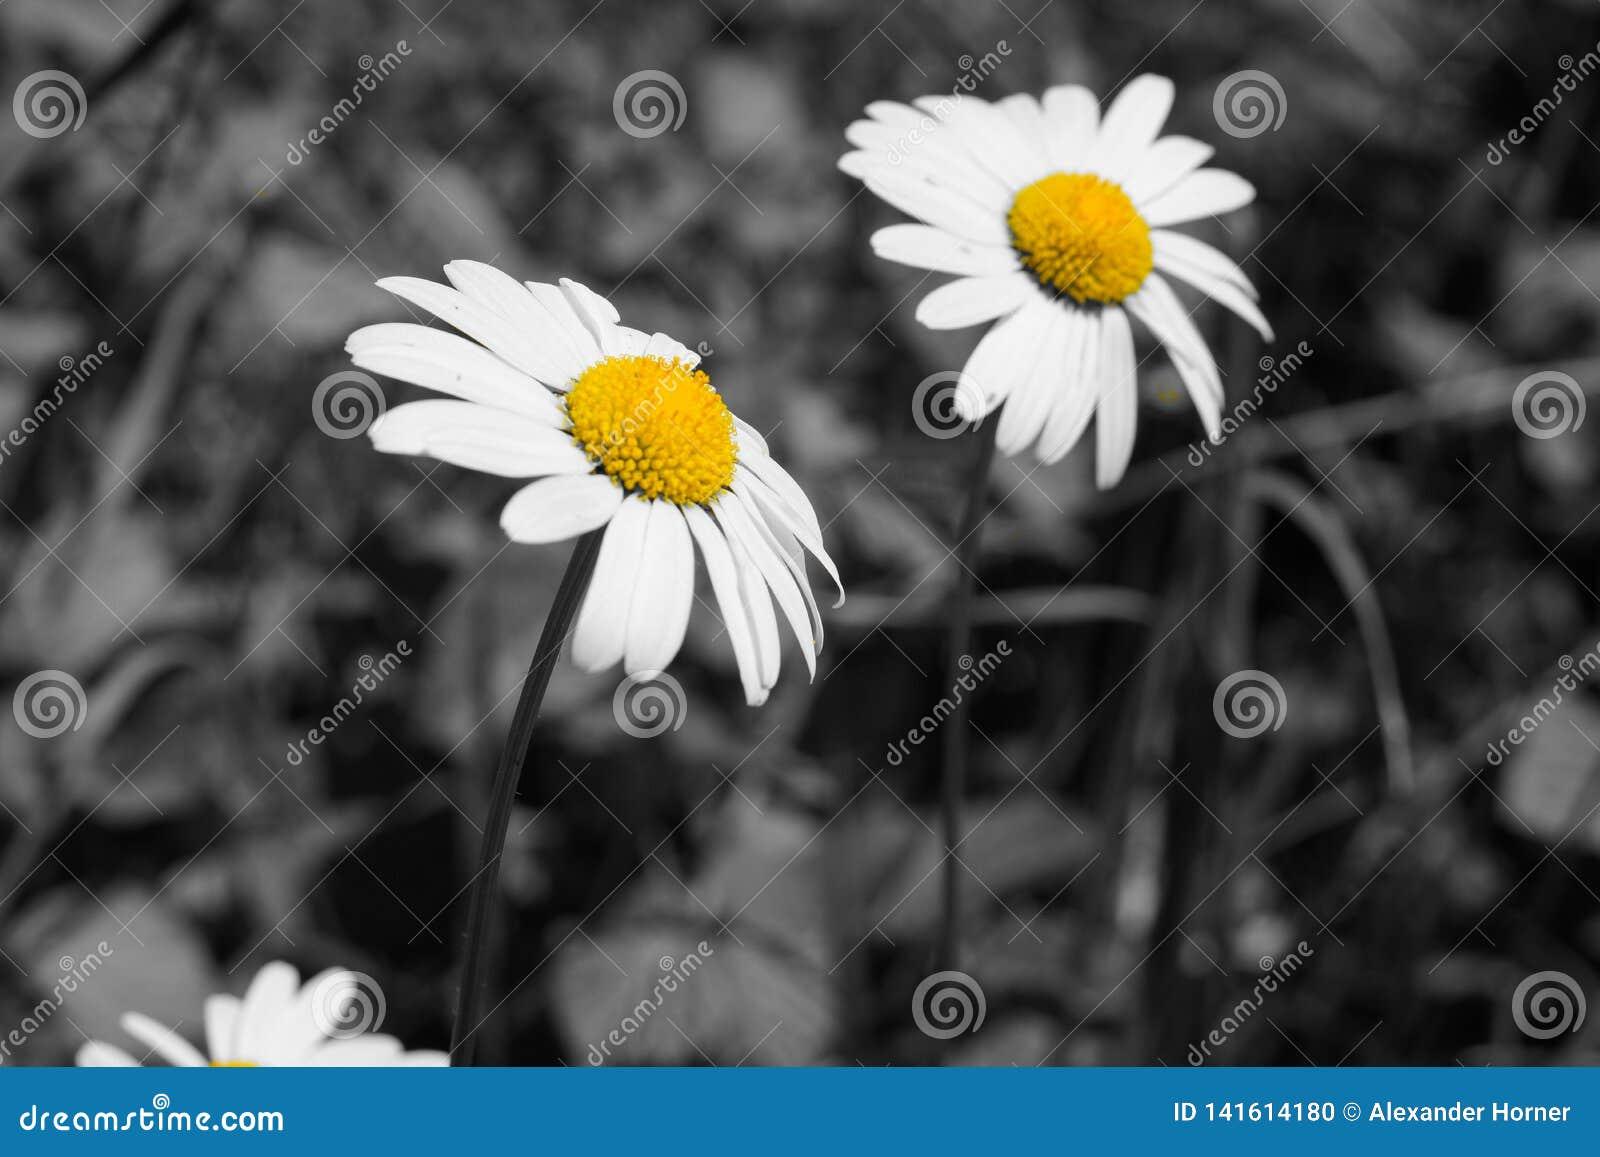 Γραπτή και κίτρινη εικόνα των λουλουδιών μαργαριτών